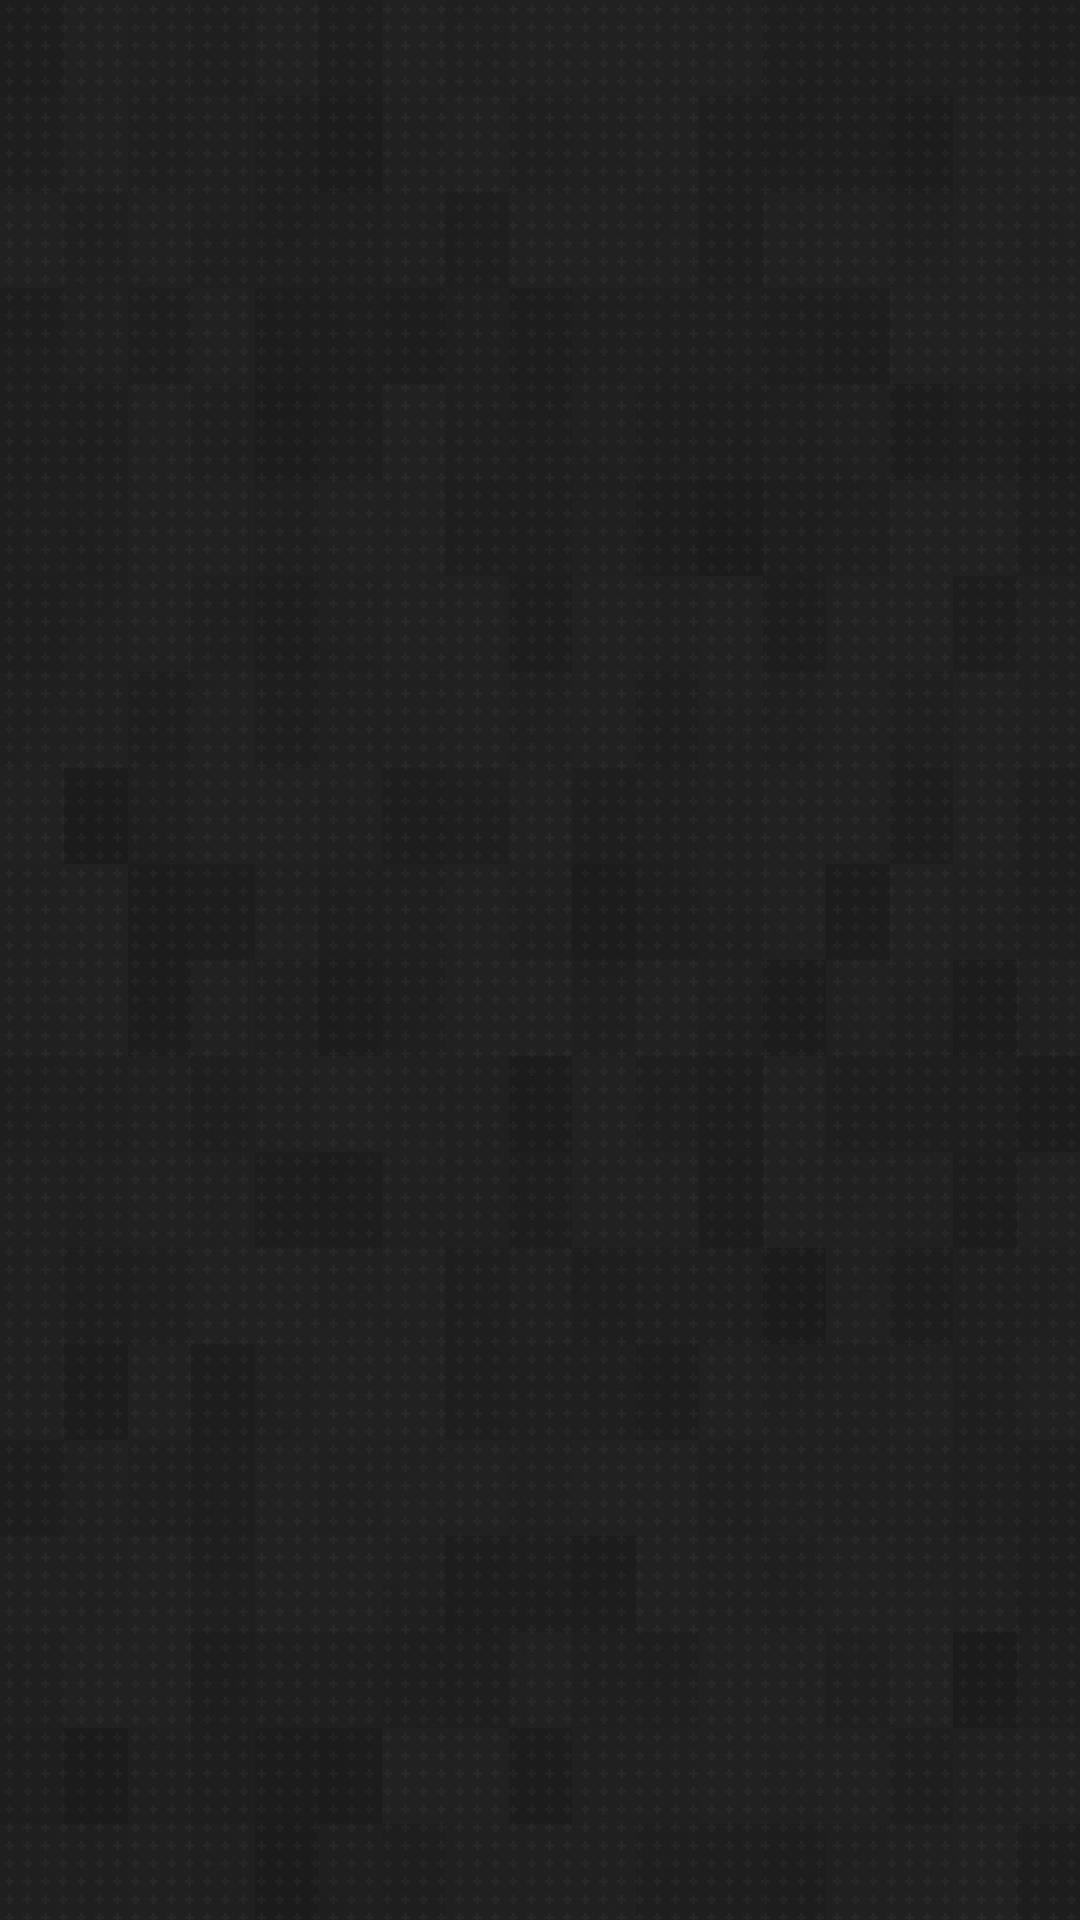 Black Wallpaper For Mobile 4k